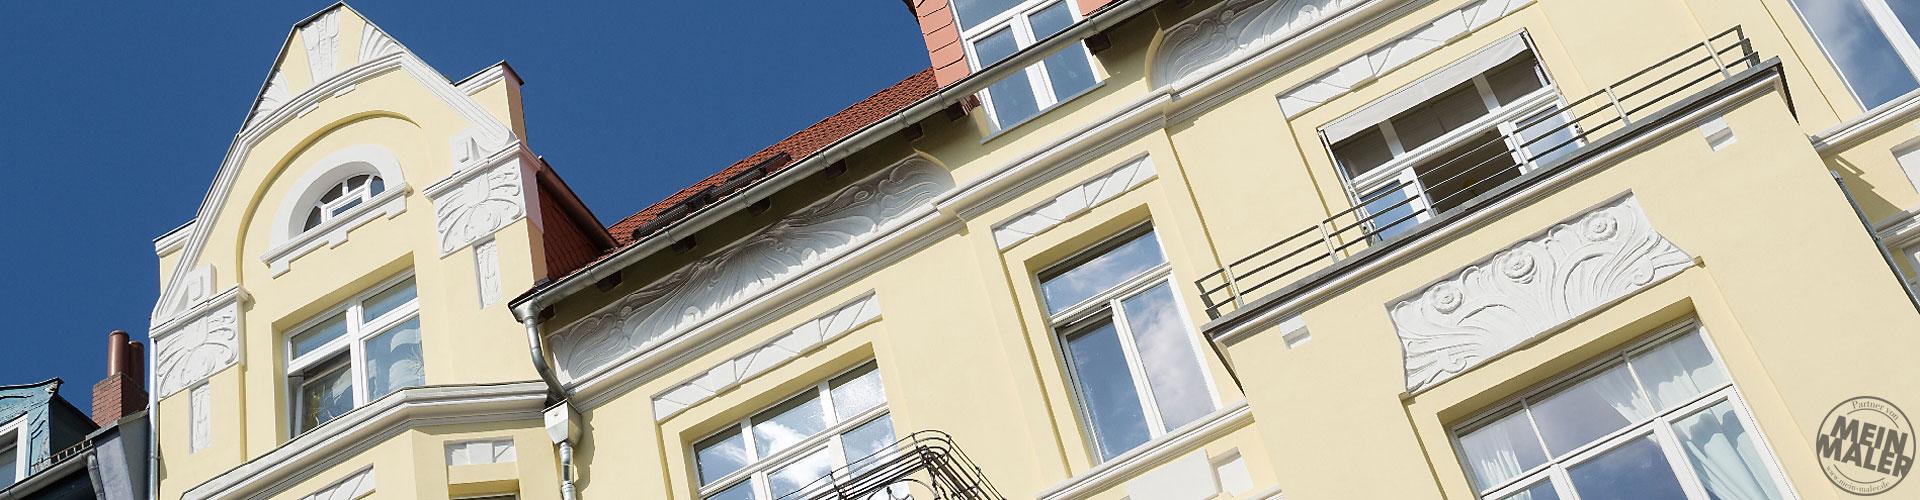 Stilfassaden / Fassadensanierung / Denkmalschutz Hannover, Isernhagen, Burgdorf, Burgwedel, Wunstorf, Garbsen